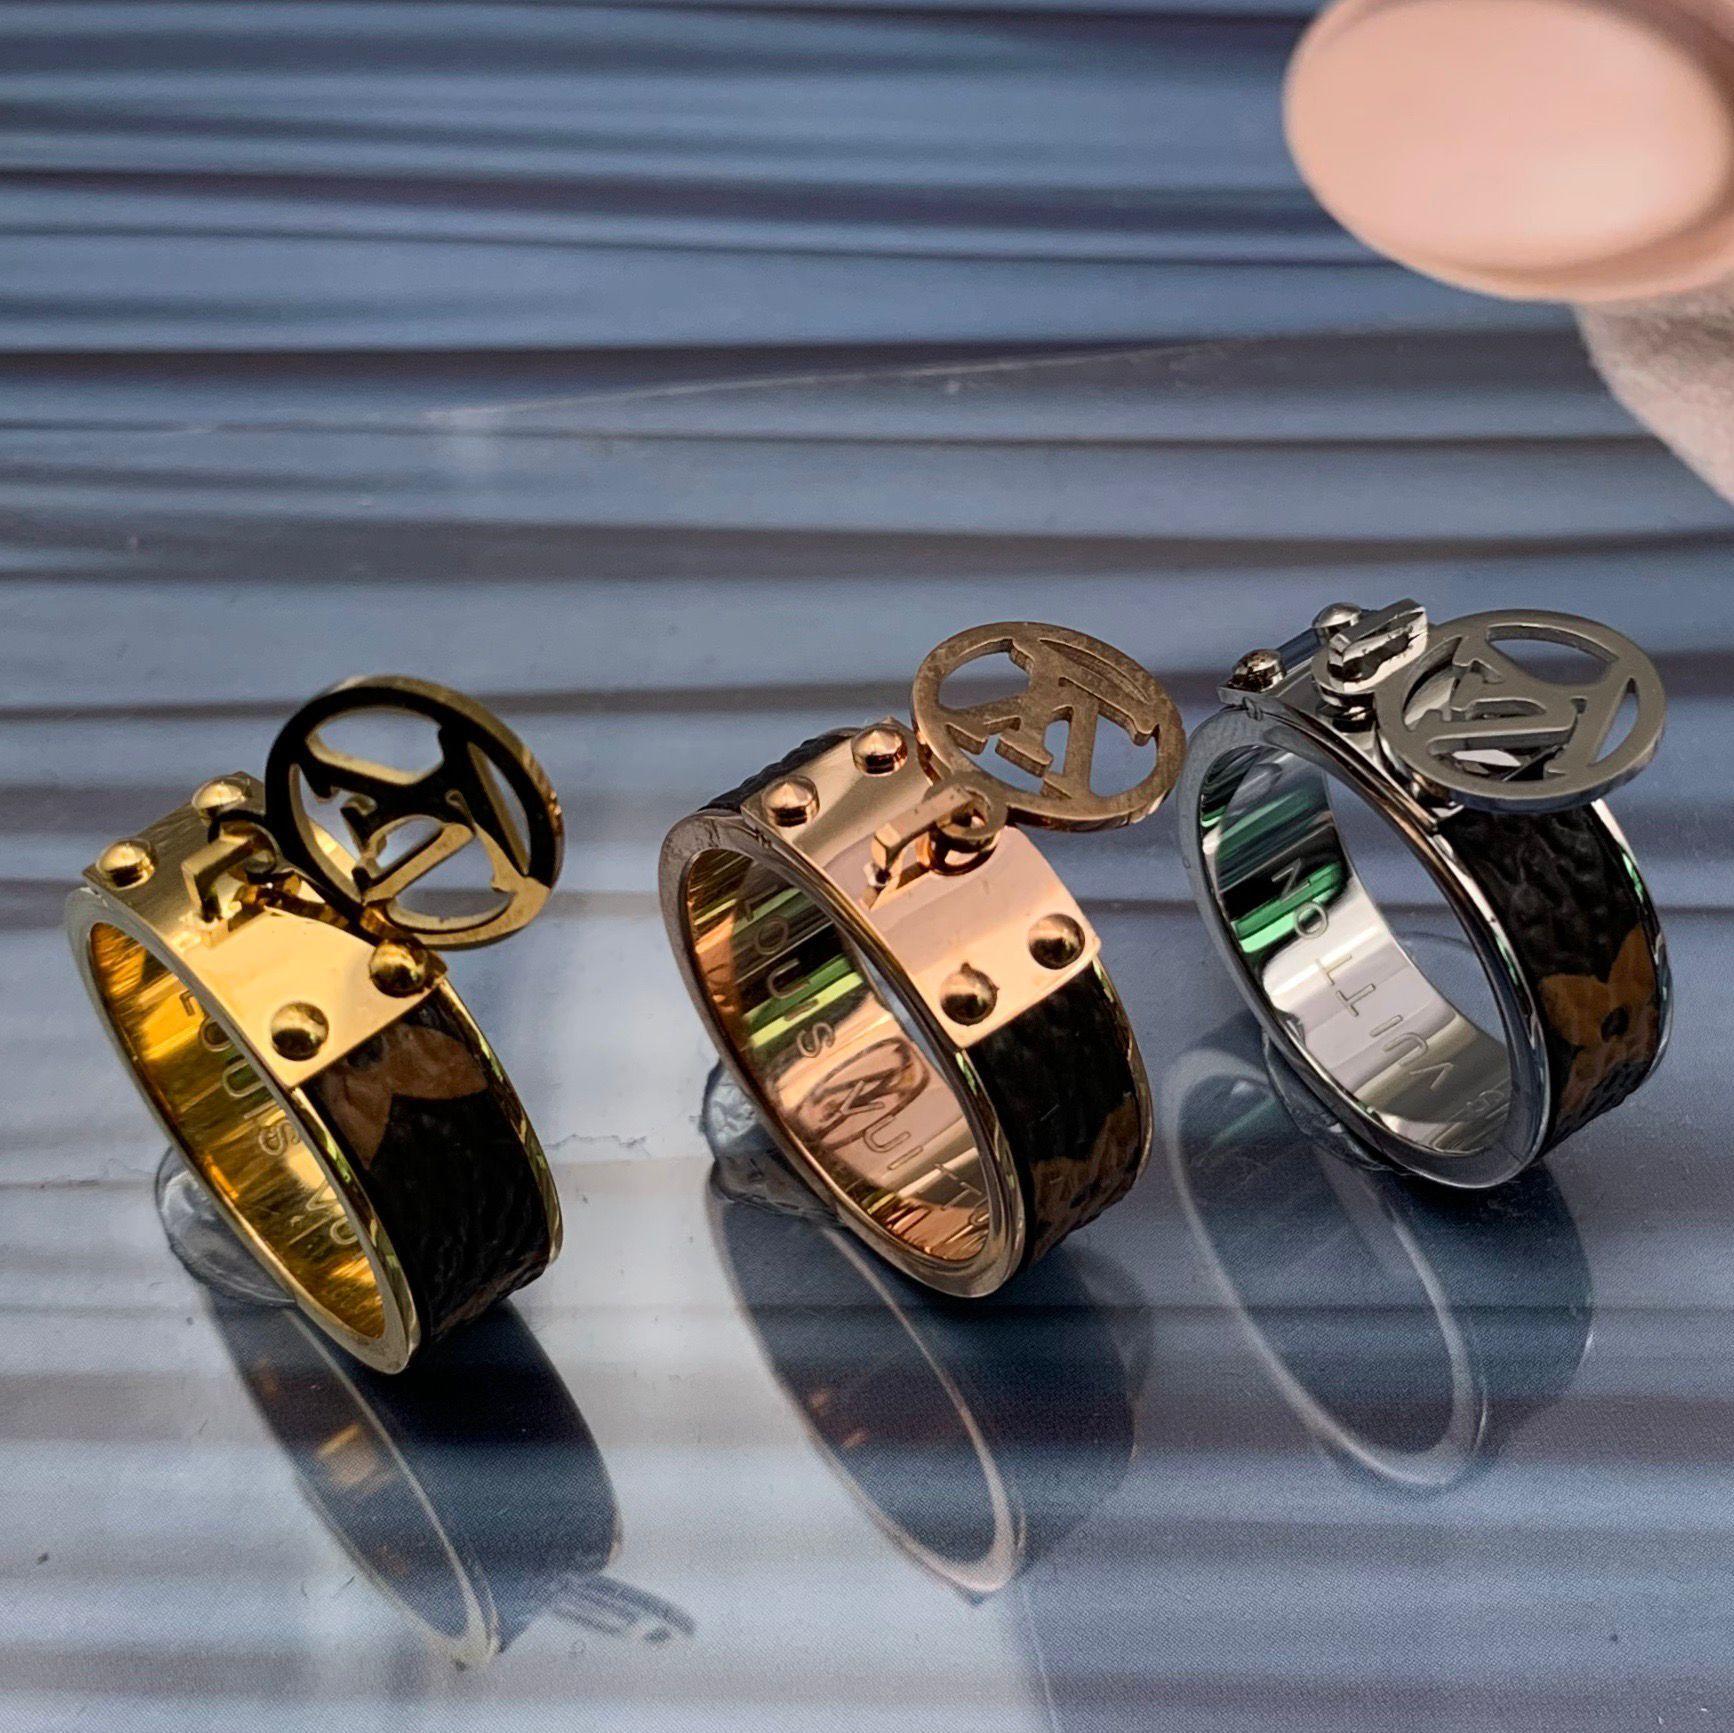 316L الفولاذ المقاوم للصدأ الزهور في حفل زفاف إلكتروني خواتم 18K ارتفع الذهب والفضة الوردي شغل في المشاركة آنيل anillo الحجم 6،7،8،9 للرجال للنساء